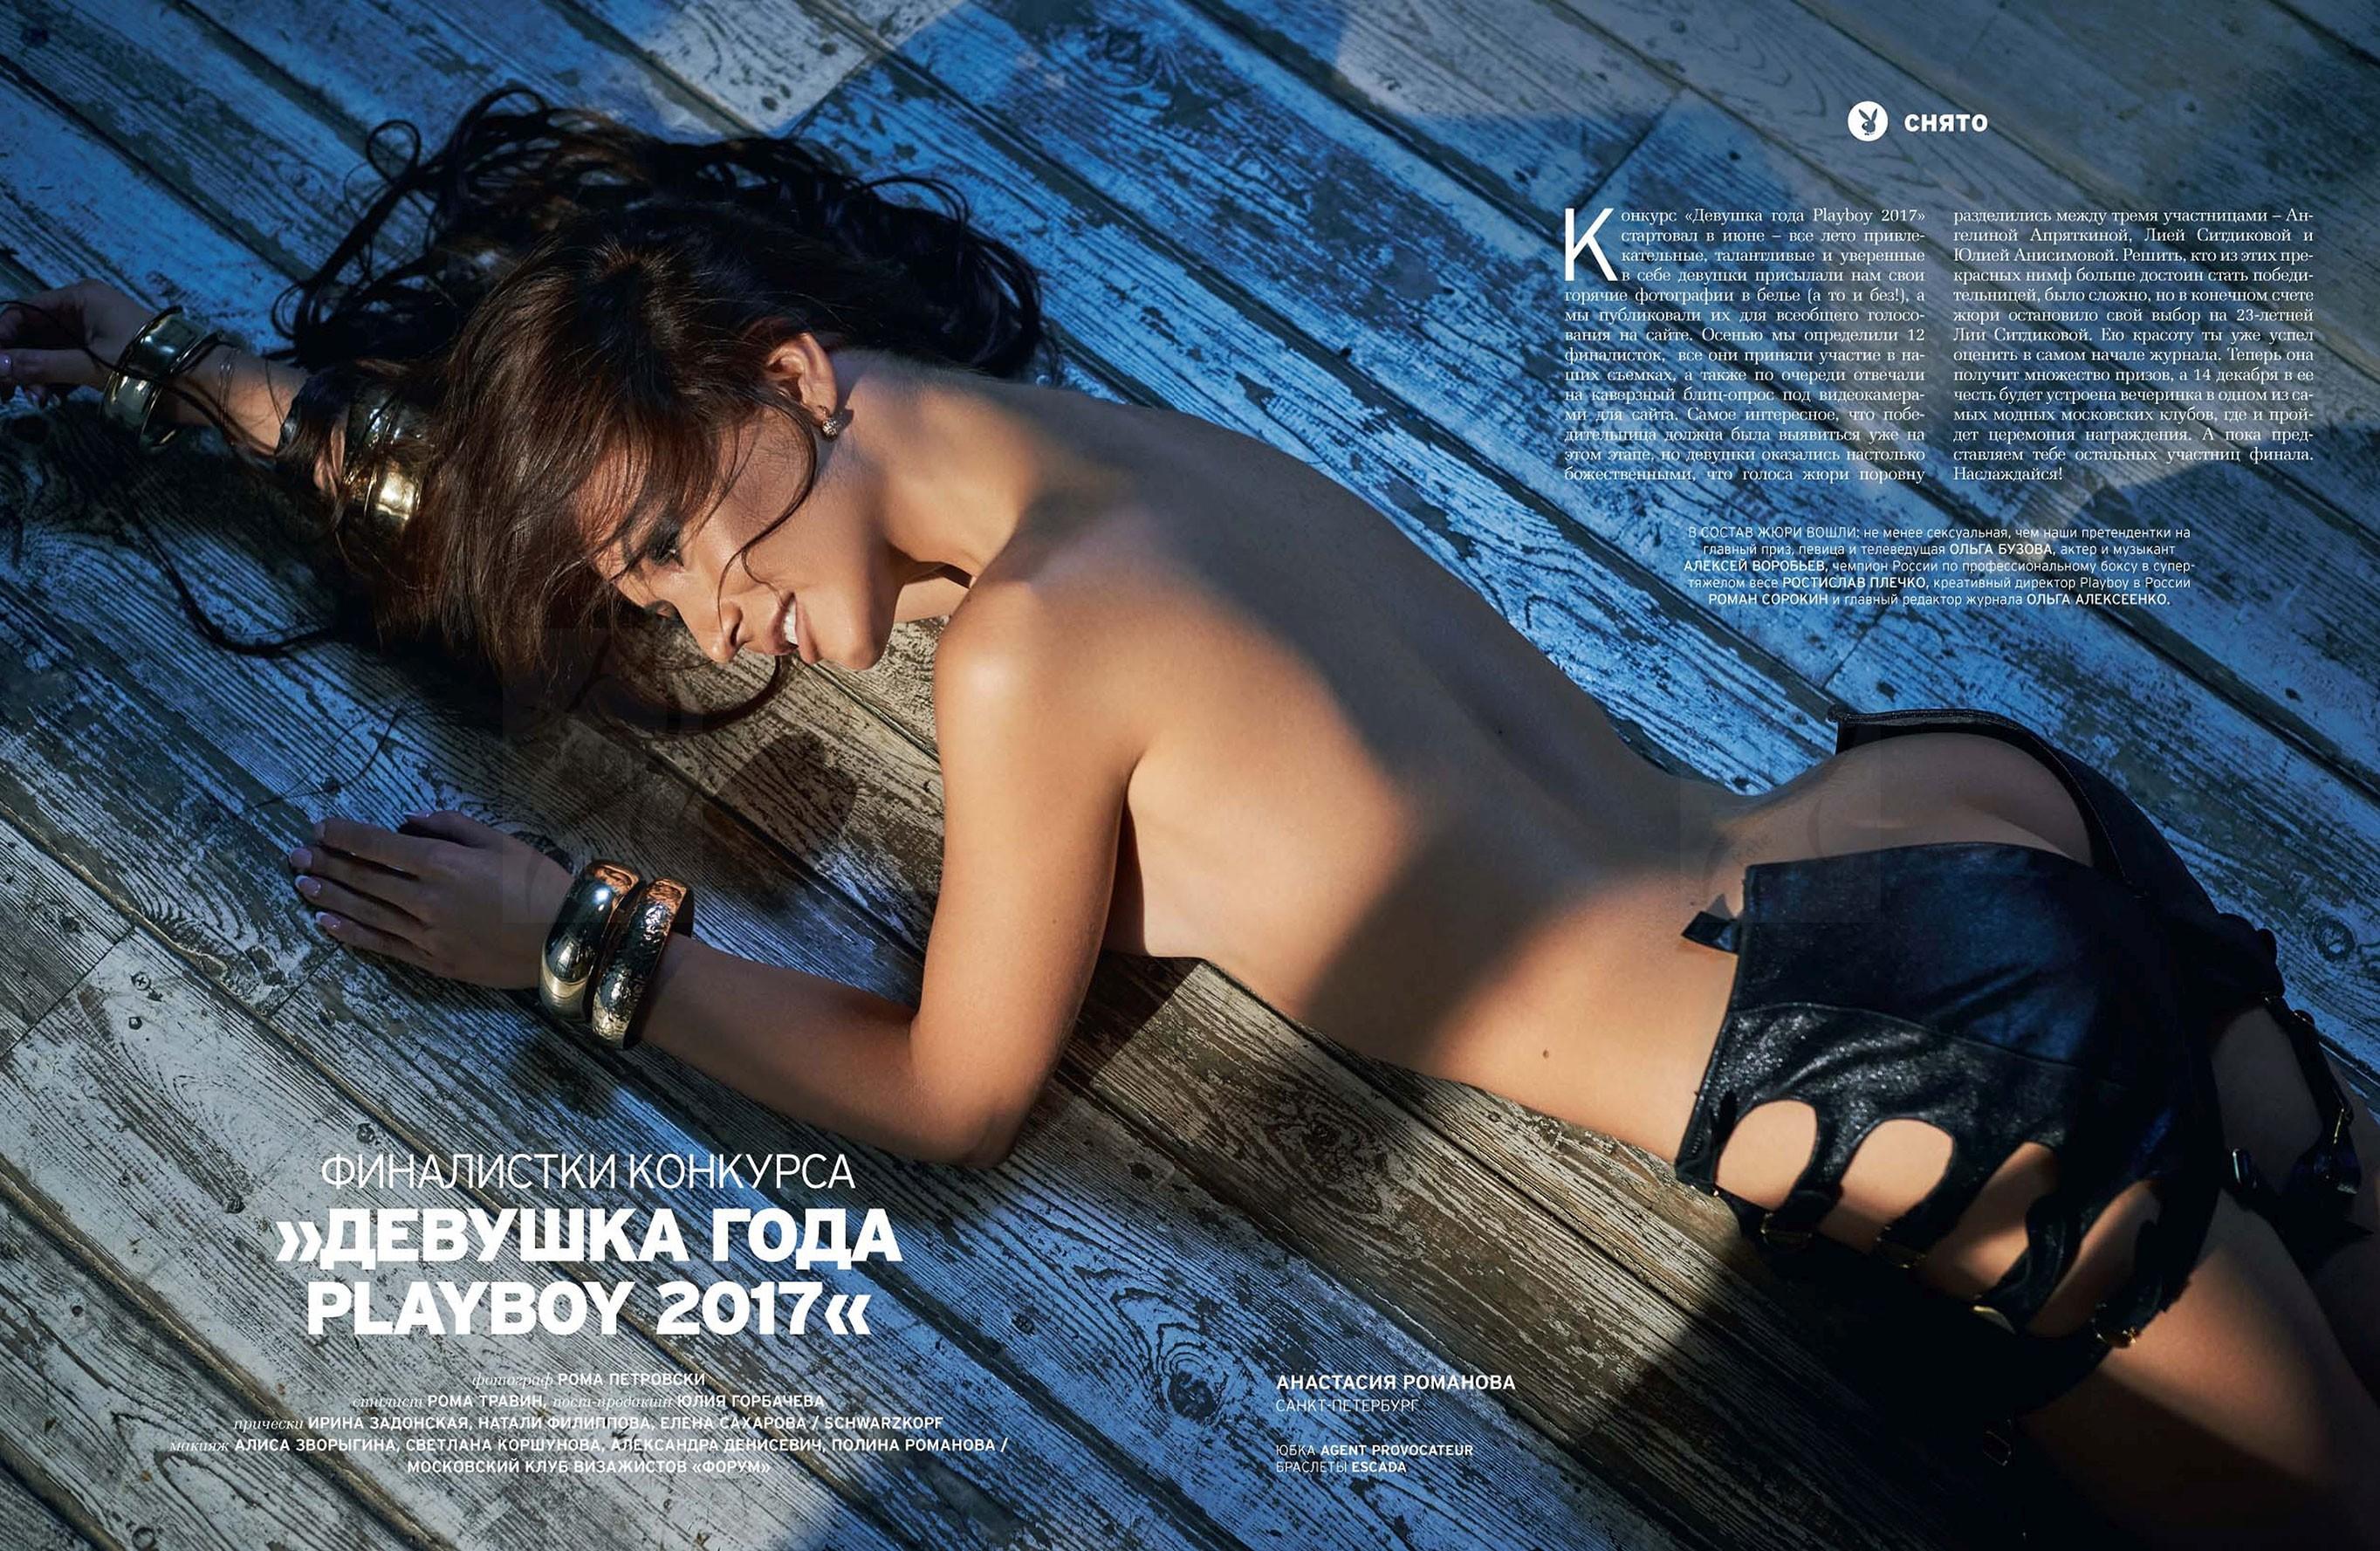 Анастасия Романова - финалистка конкурса Девушка года Playboy Россия 2017